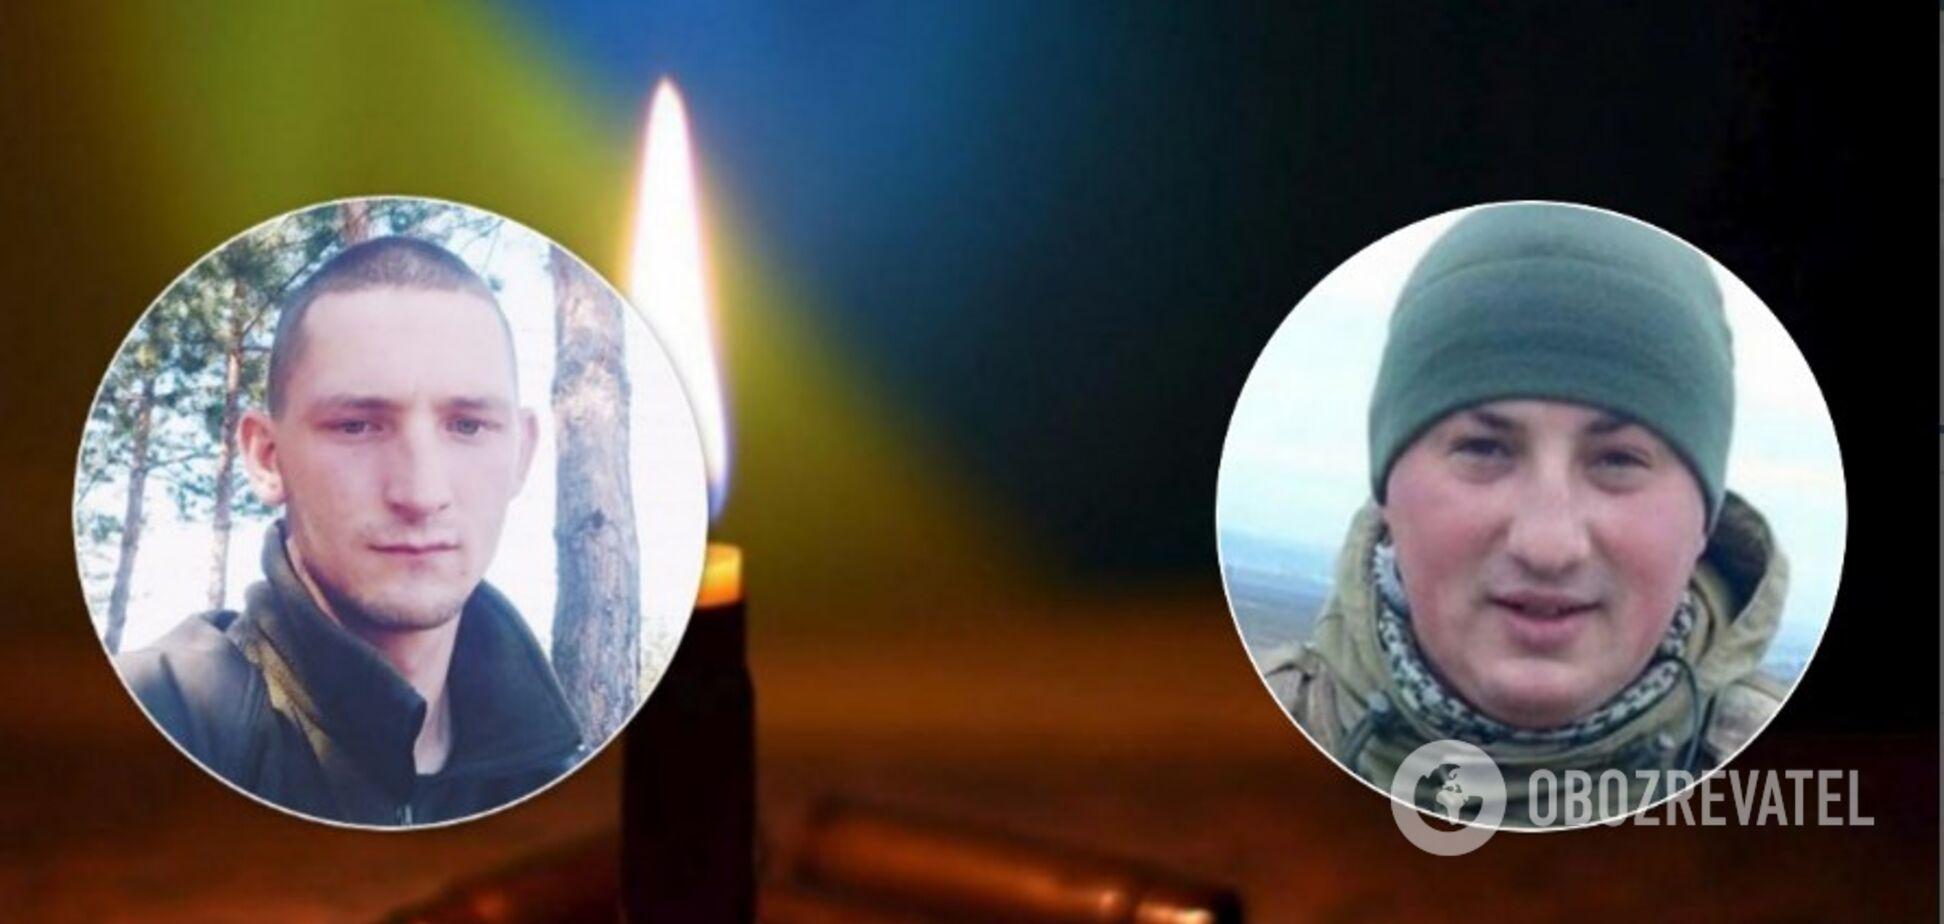 На Донбасі трагічно загинули воїни ЗСУ. Вони захищали Україну до останнього подиху